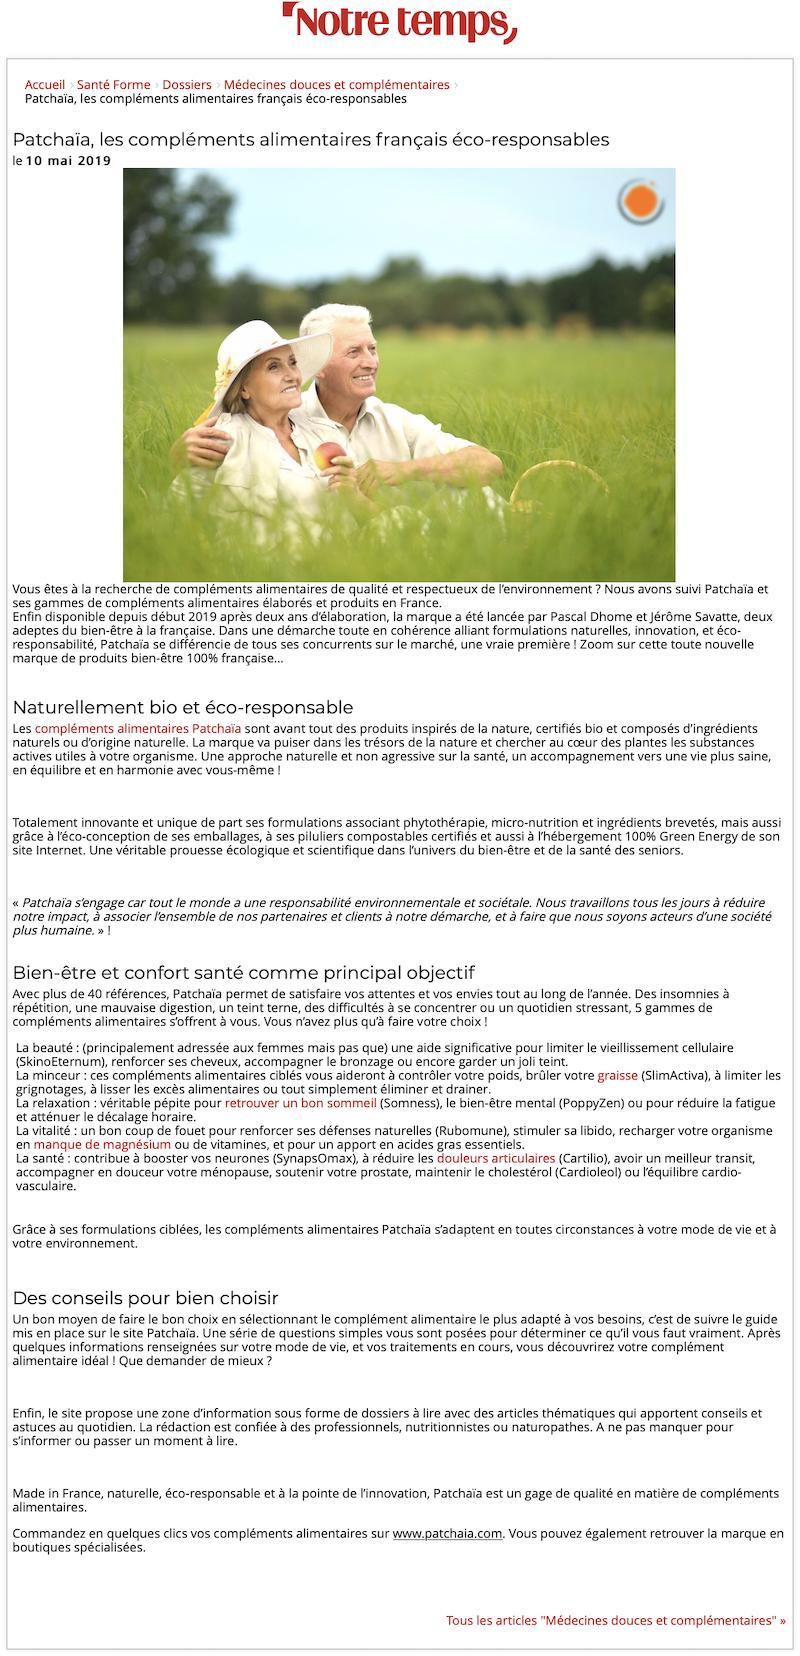 Patchaïa dans Notre Temps Dossier Santé mai 2019